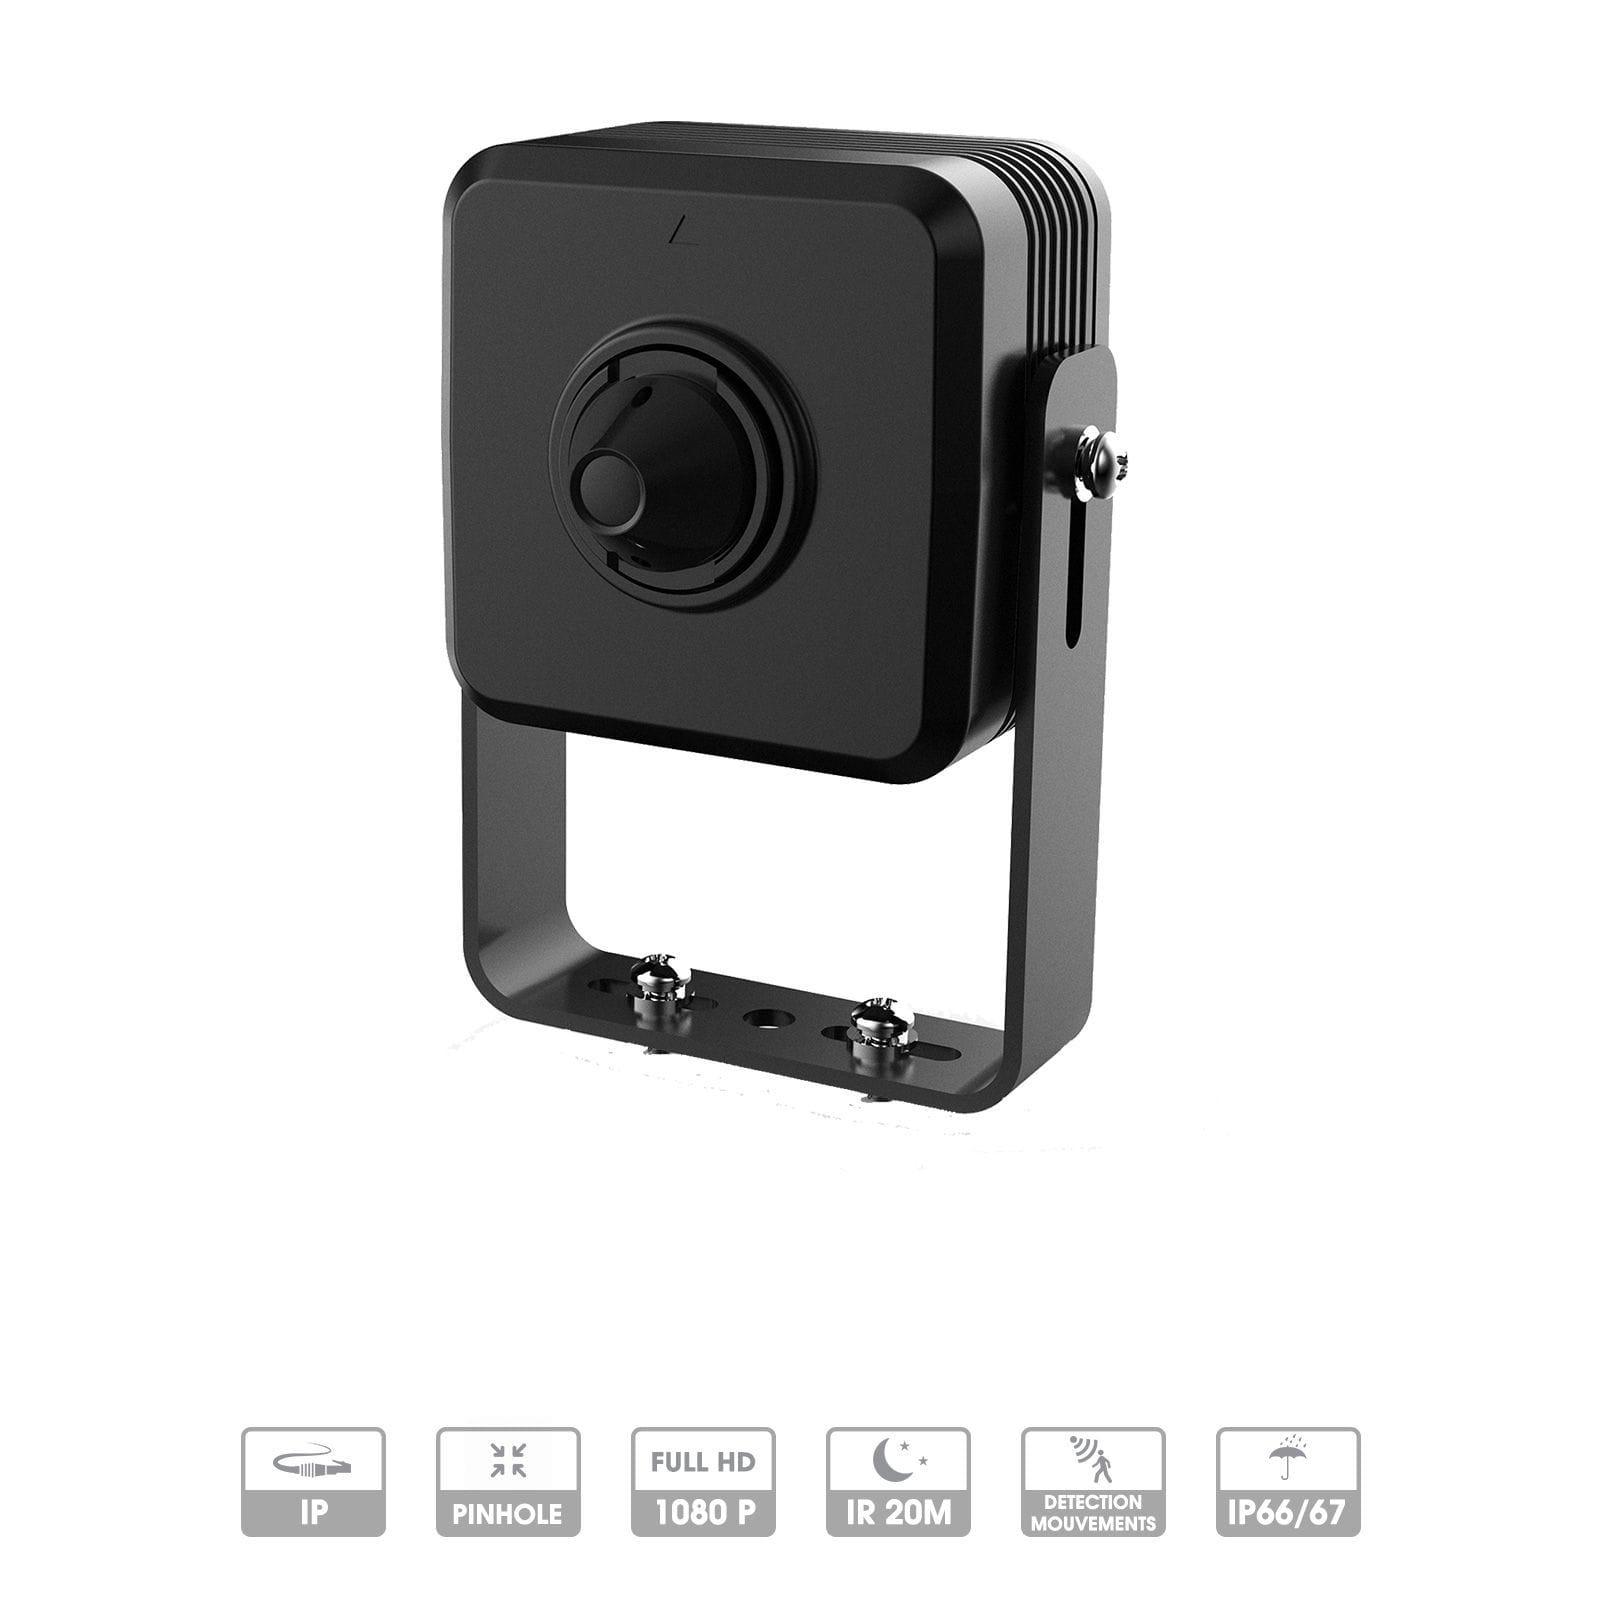 Caméra Dahua | Miniature pinhole | 2 MP | IP